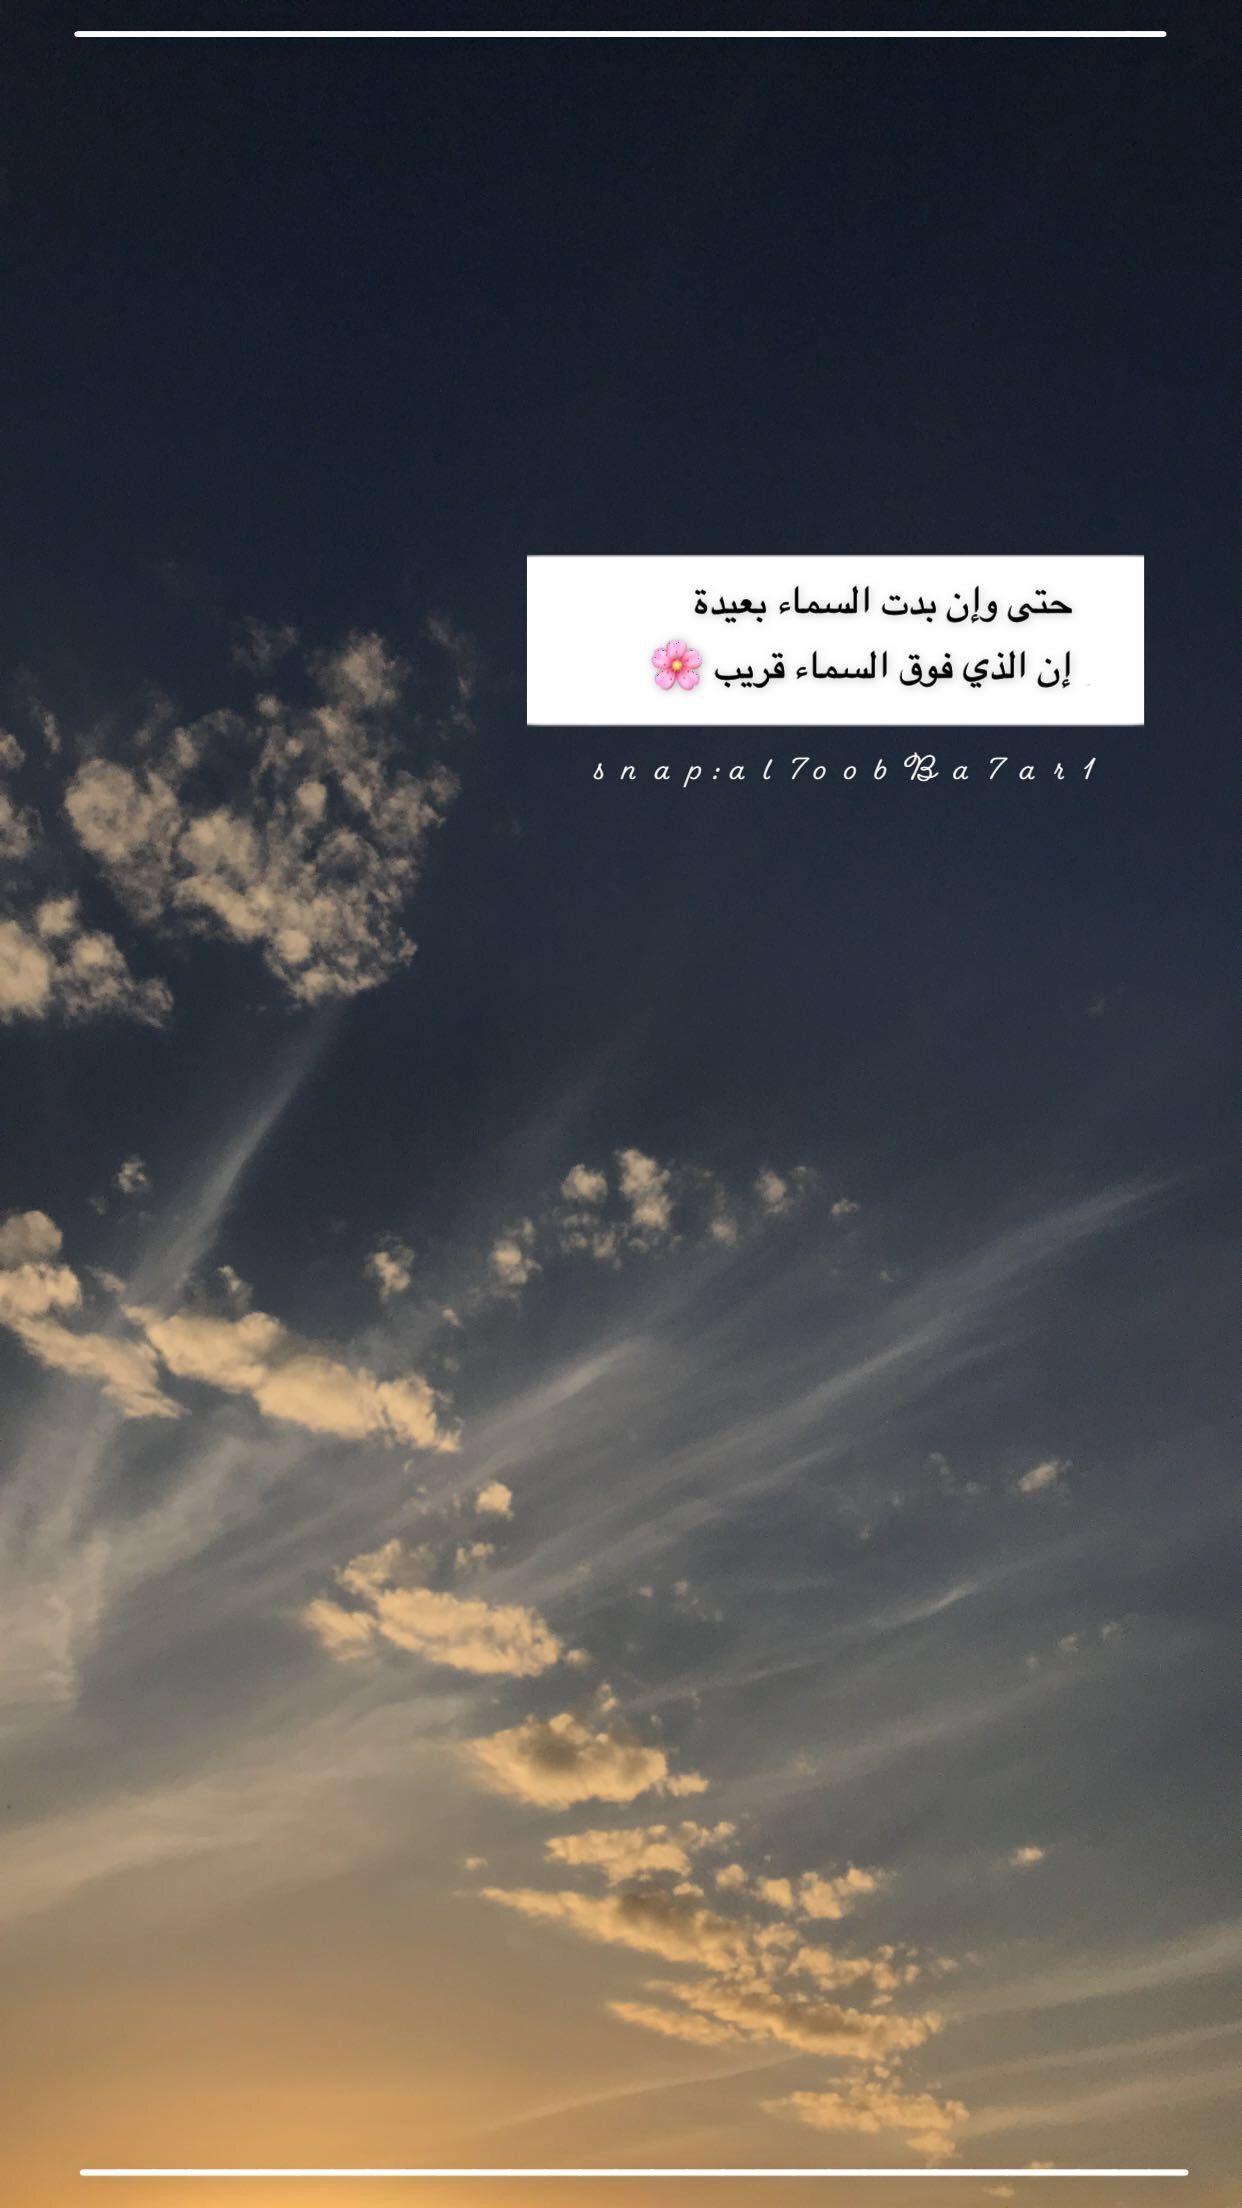 همسة حتى وإن بدت السماء بعيدة إن الذي فوق السماء قريب تصويري تصويري سناب تصميم Cover Photo Quotes Love Quotes Wallpaper Beautiful Arabic Words